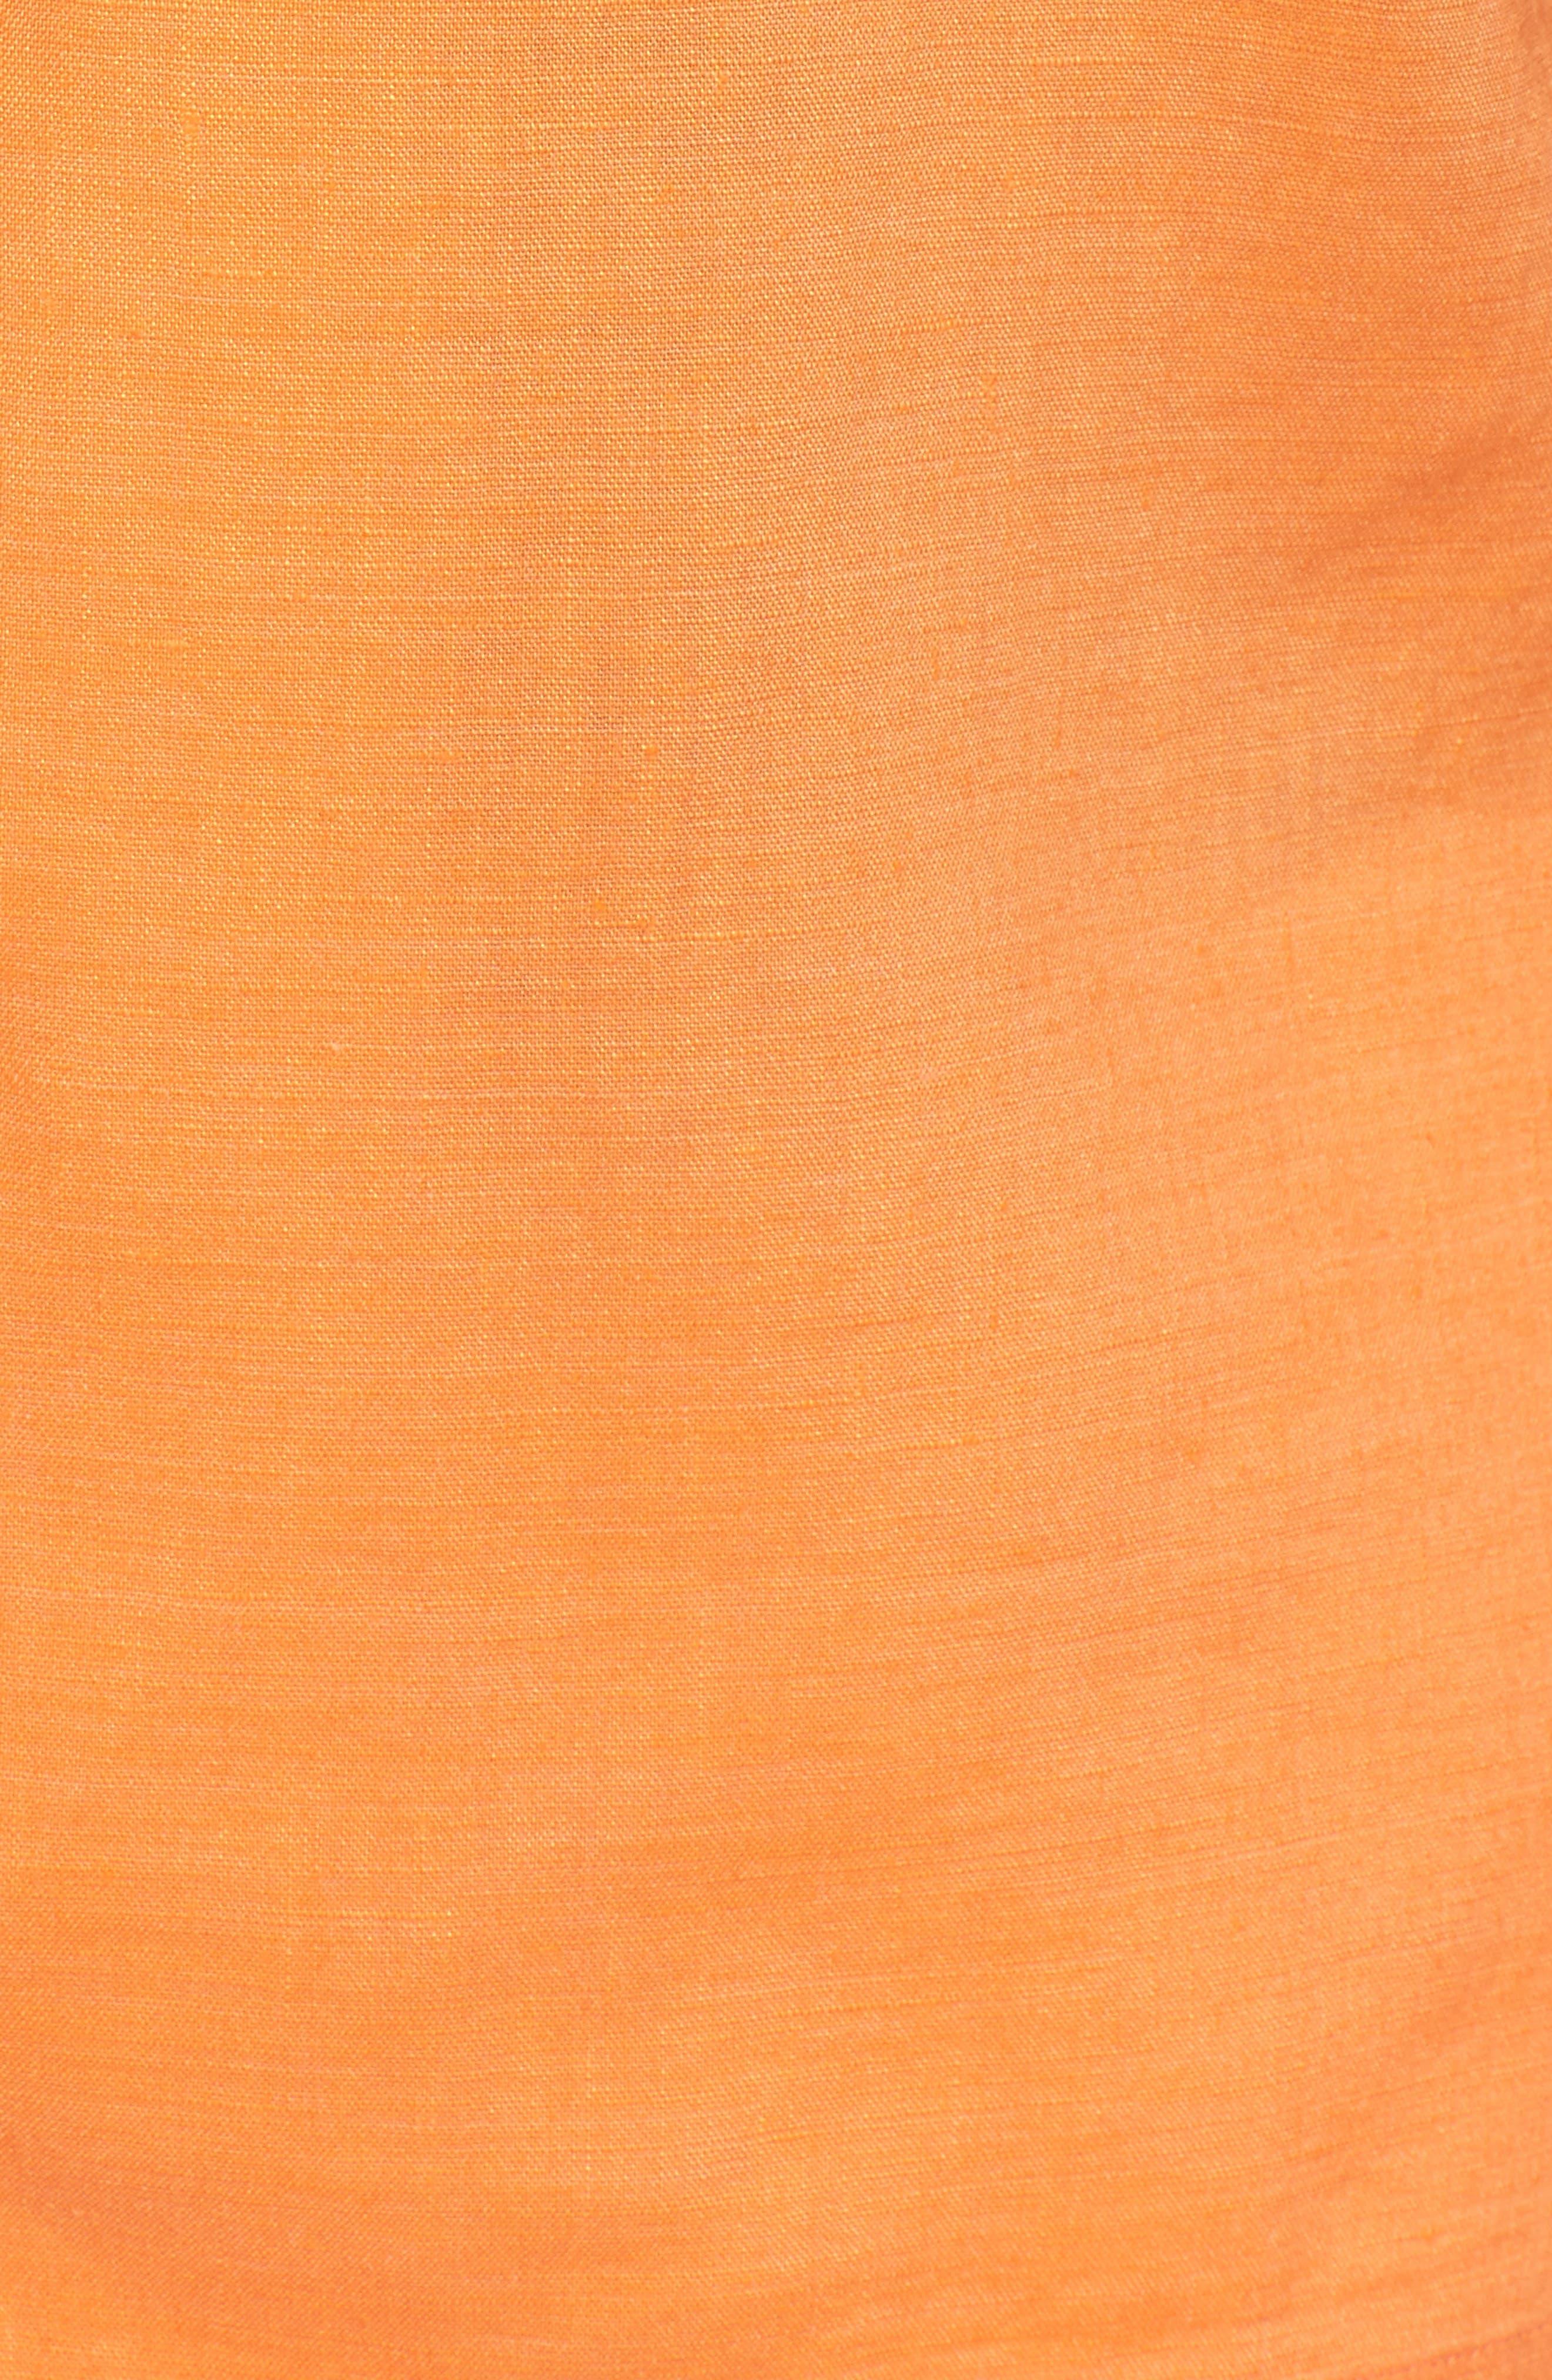 Monaco Tides Standard Fit Linen Blend Camp Shirt,                             Alternate thumbnail 30, color,